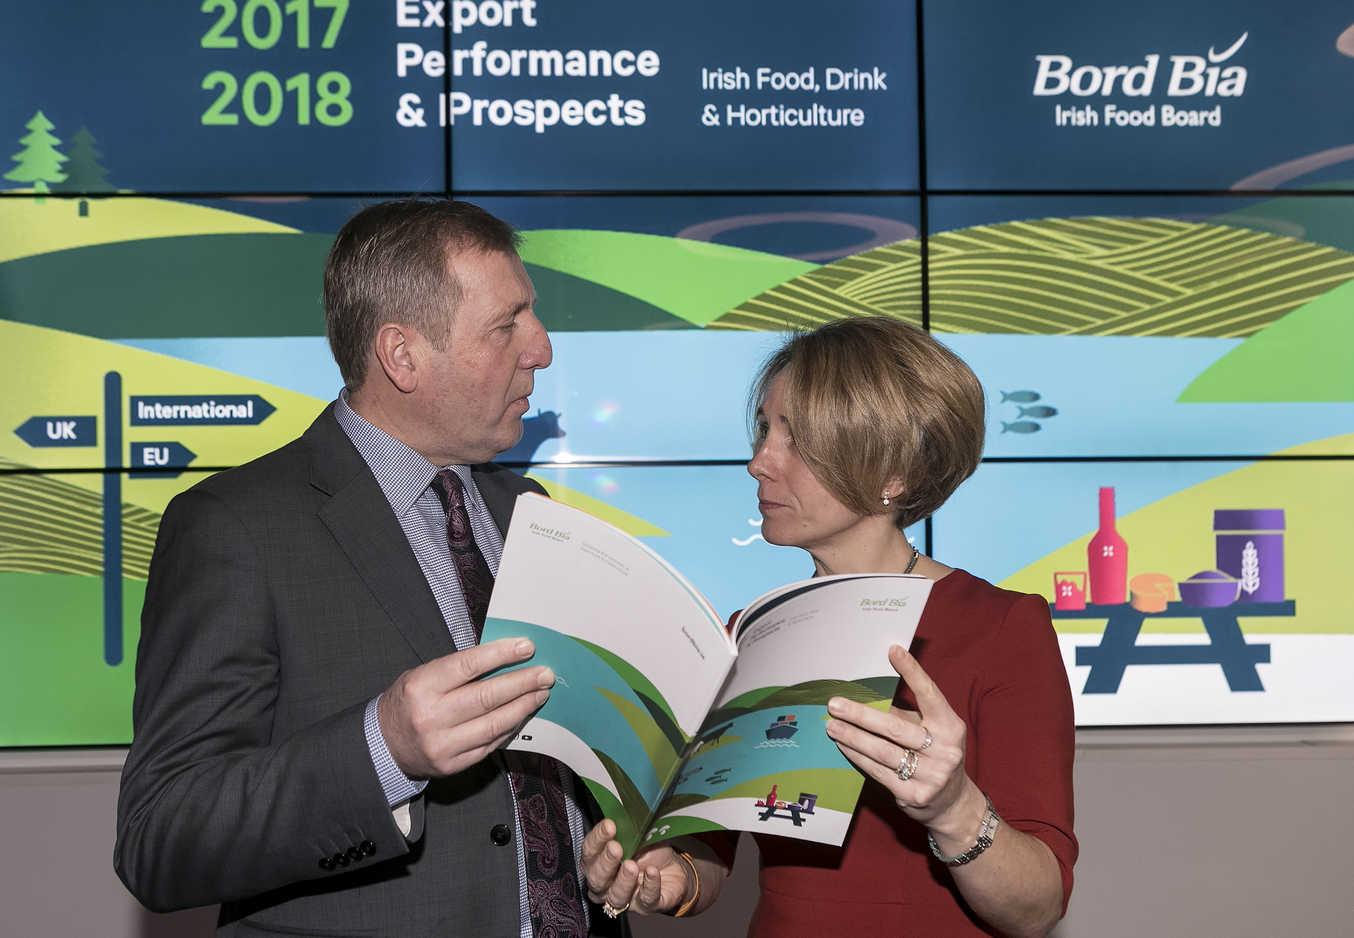 Las exportaciones de productos irlandeses alcanzan máximos historicos